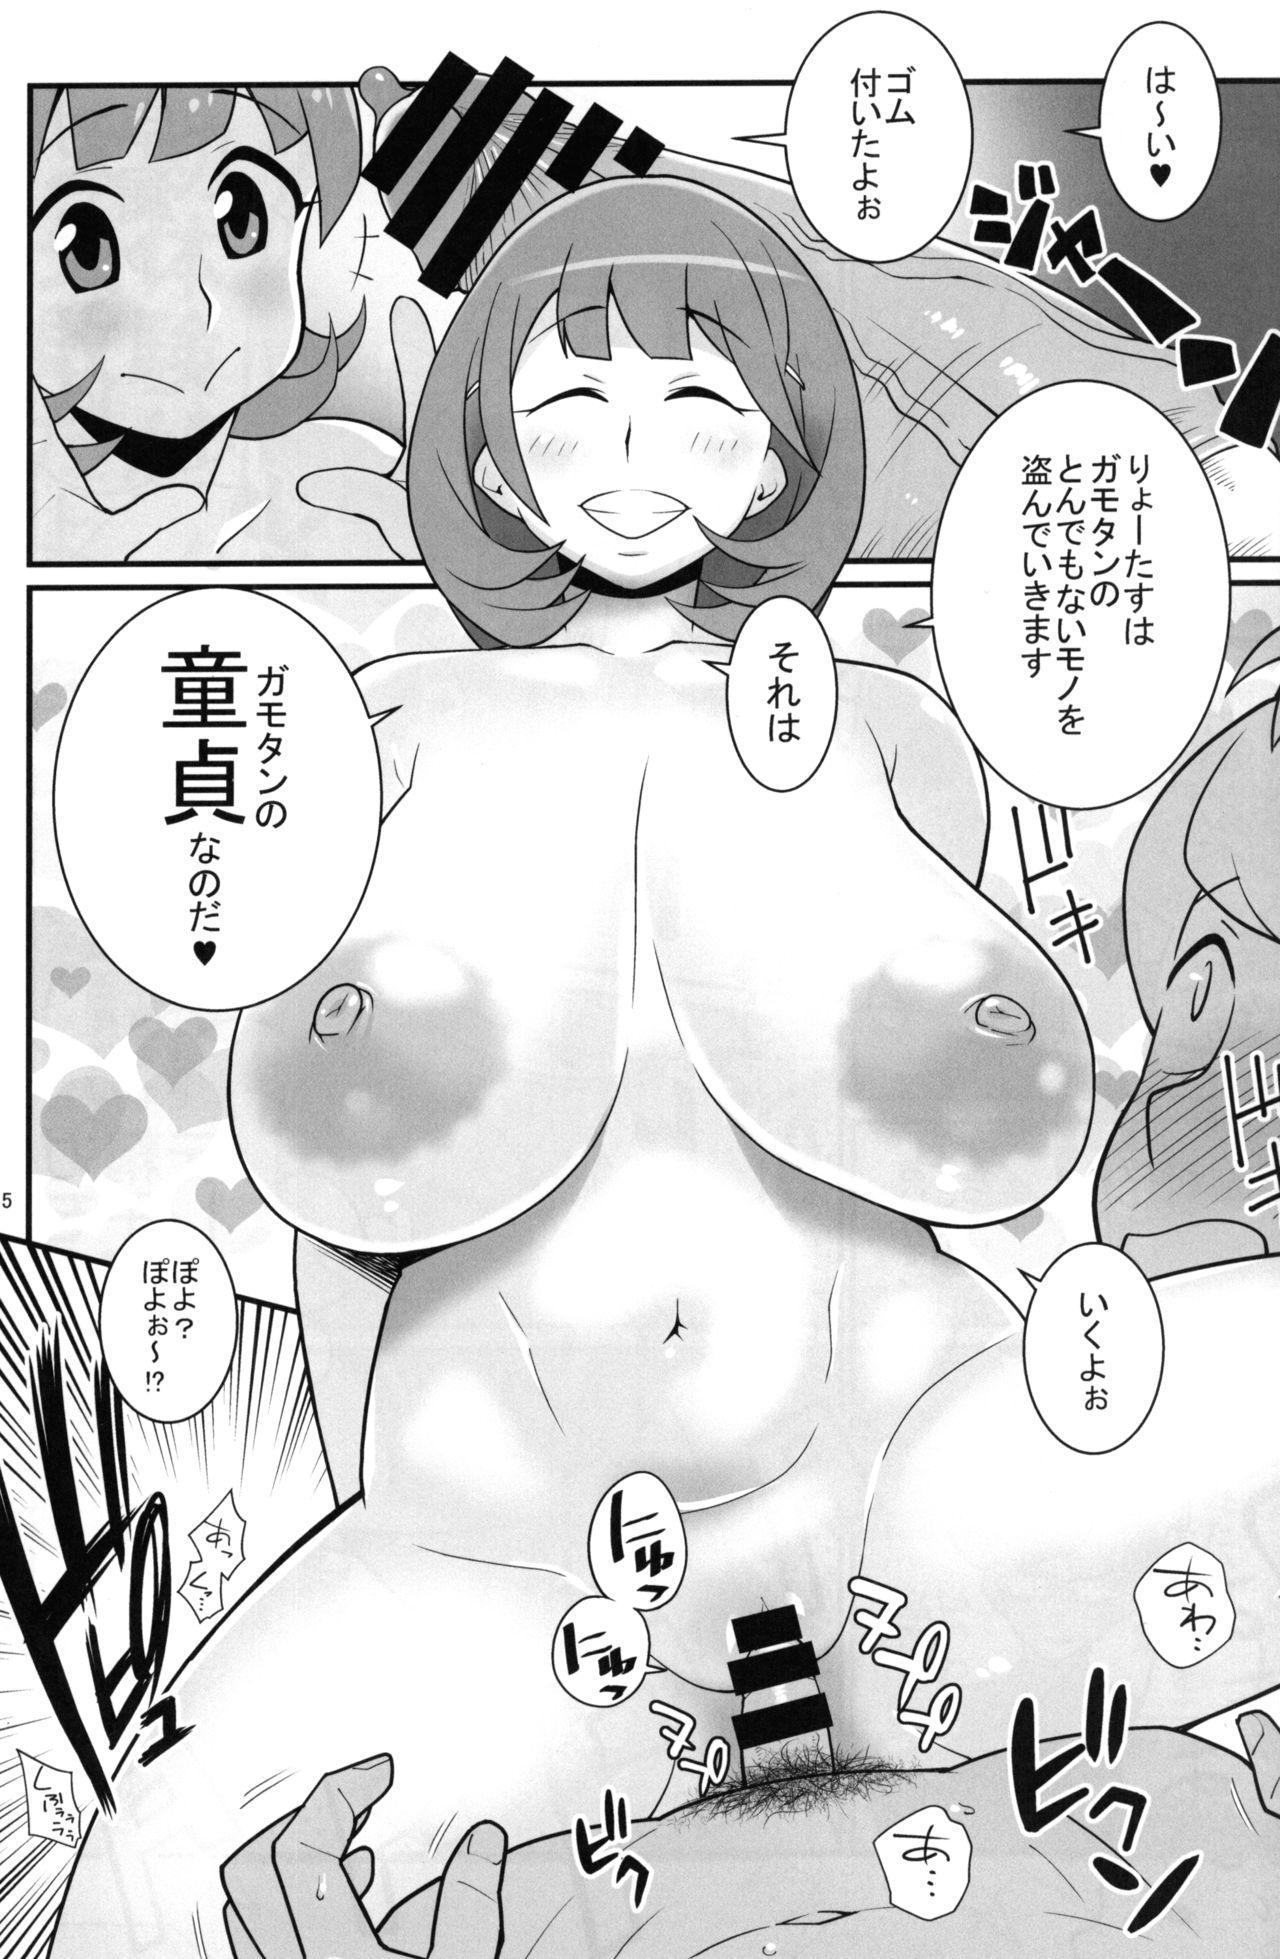 Tonikaku Mune ga Ookina Onnanoko to Tonikaku Shasei ga Hayai Doutei no Toshikoshi SEX Zanmai 3